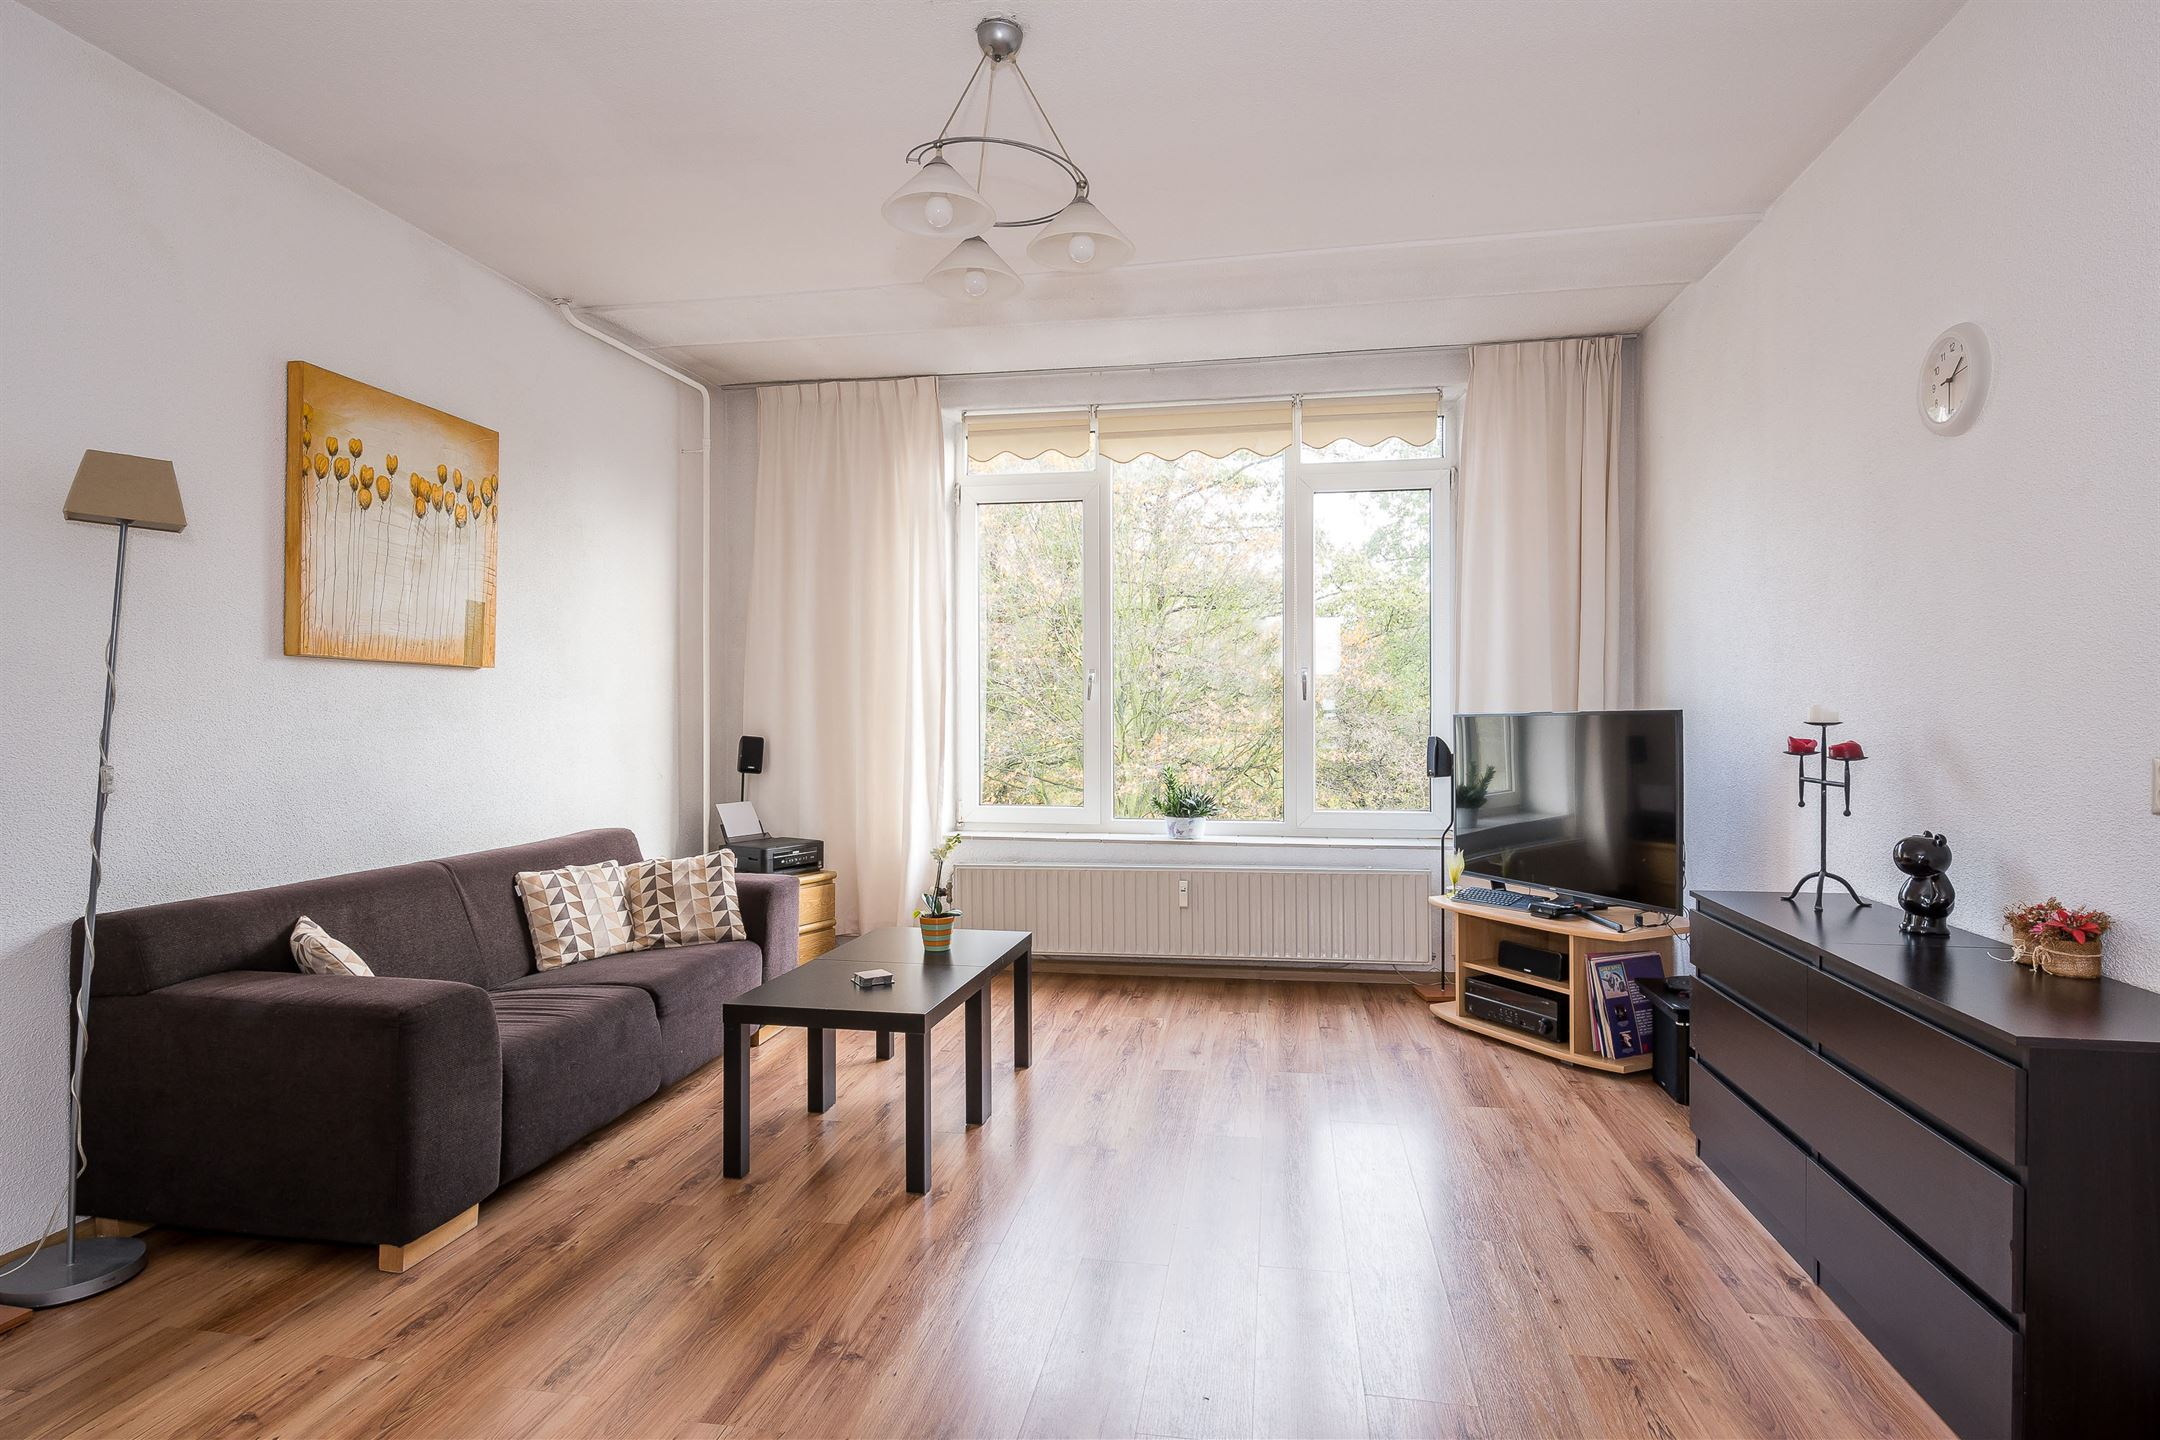 Appartement te koop: mendelssohnplein 8 c 3131 rc vlaardingen [funda]